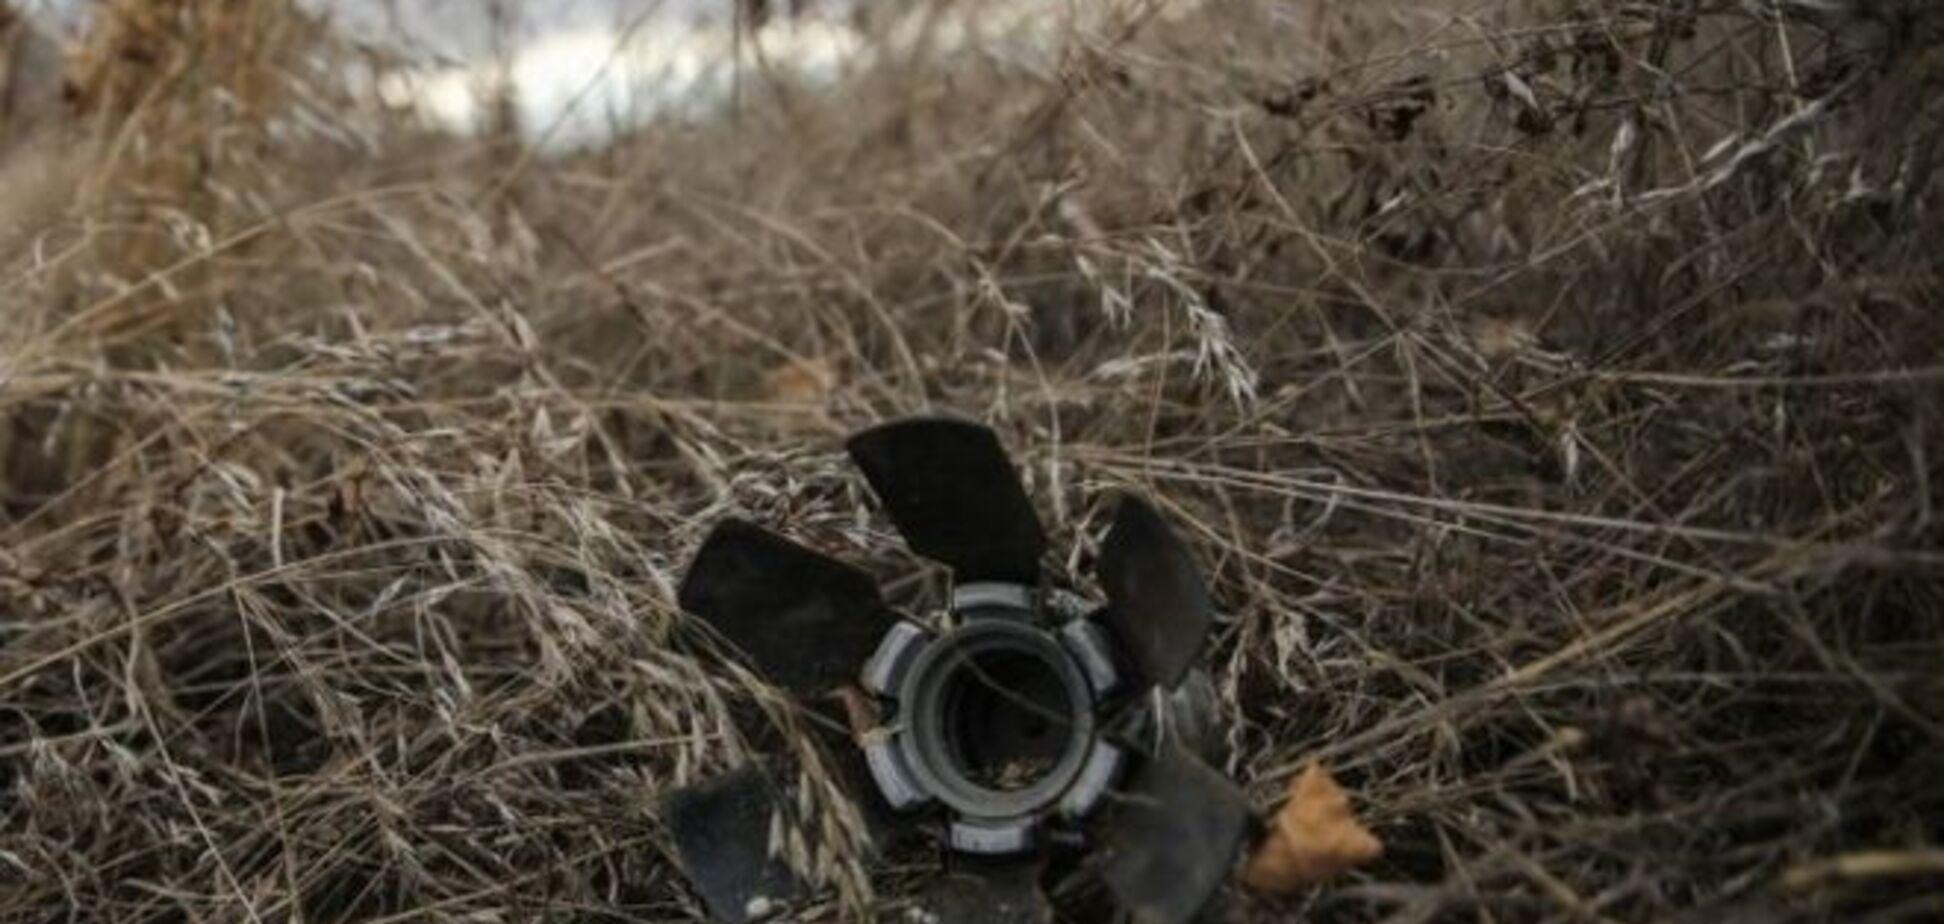 Жесткая посевная: боевики 'ДНР' собираются засеять минные поля за 5 дней